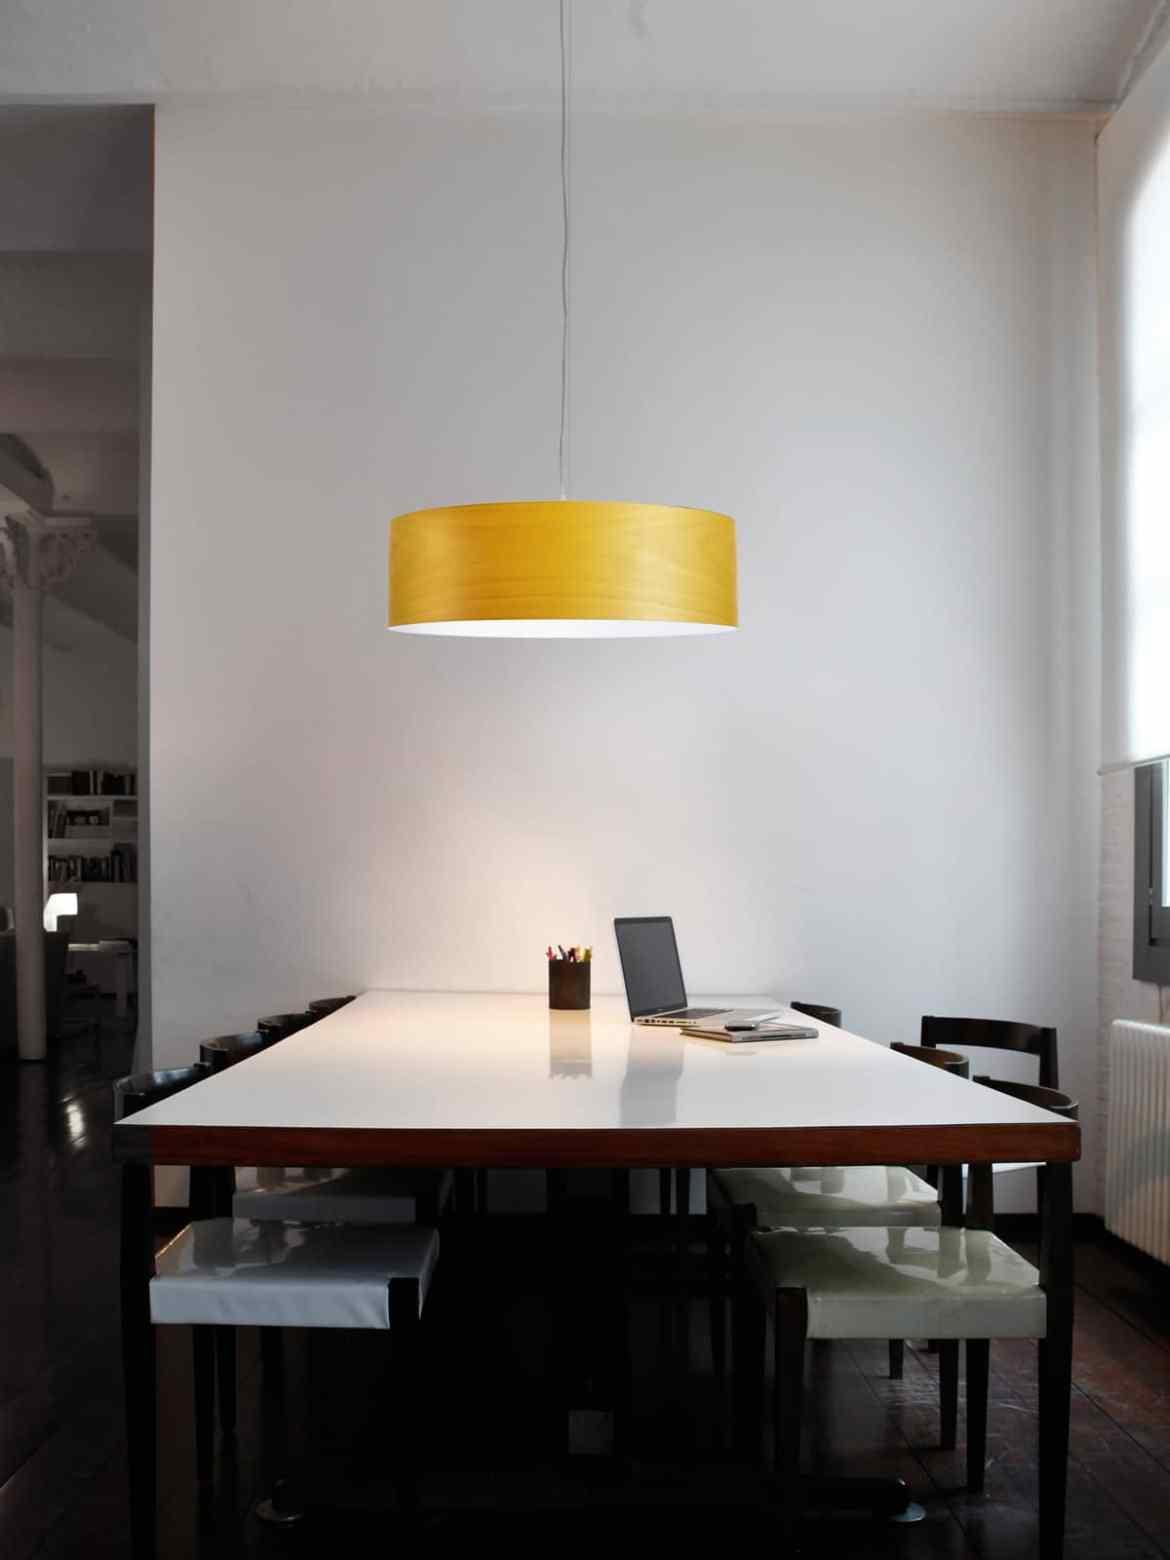 DesignOrt Blog: Faszination Farbe: Holzfurnier von LZF Lamps Pendelleuchte Super Gea LZF Gelb 24